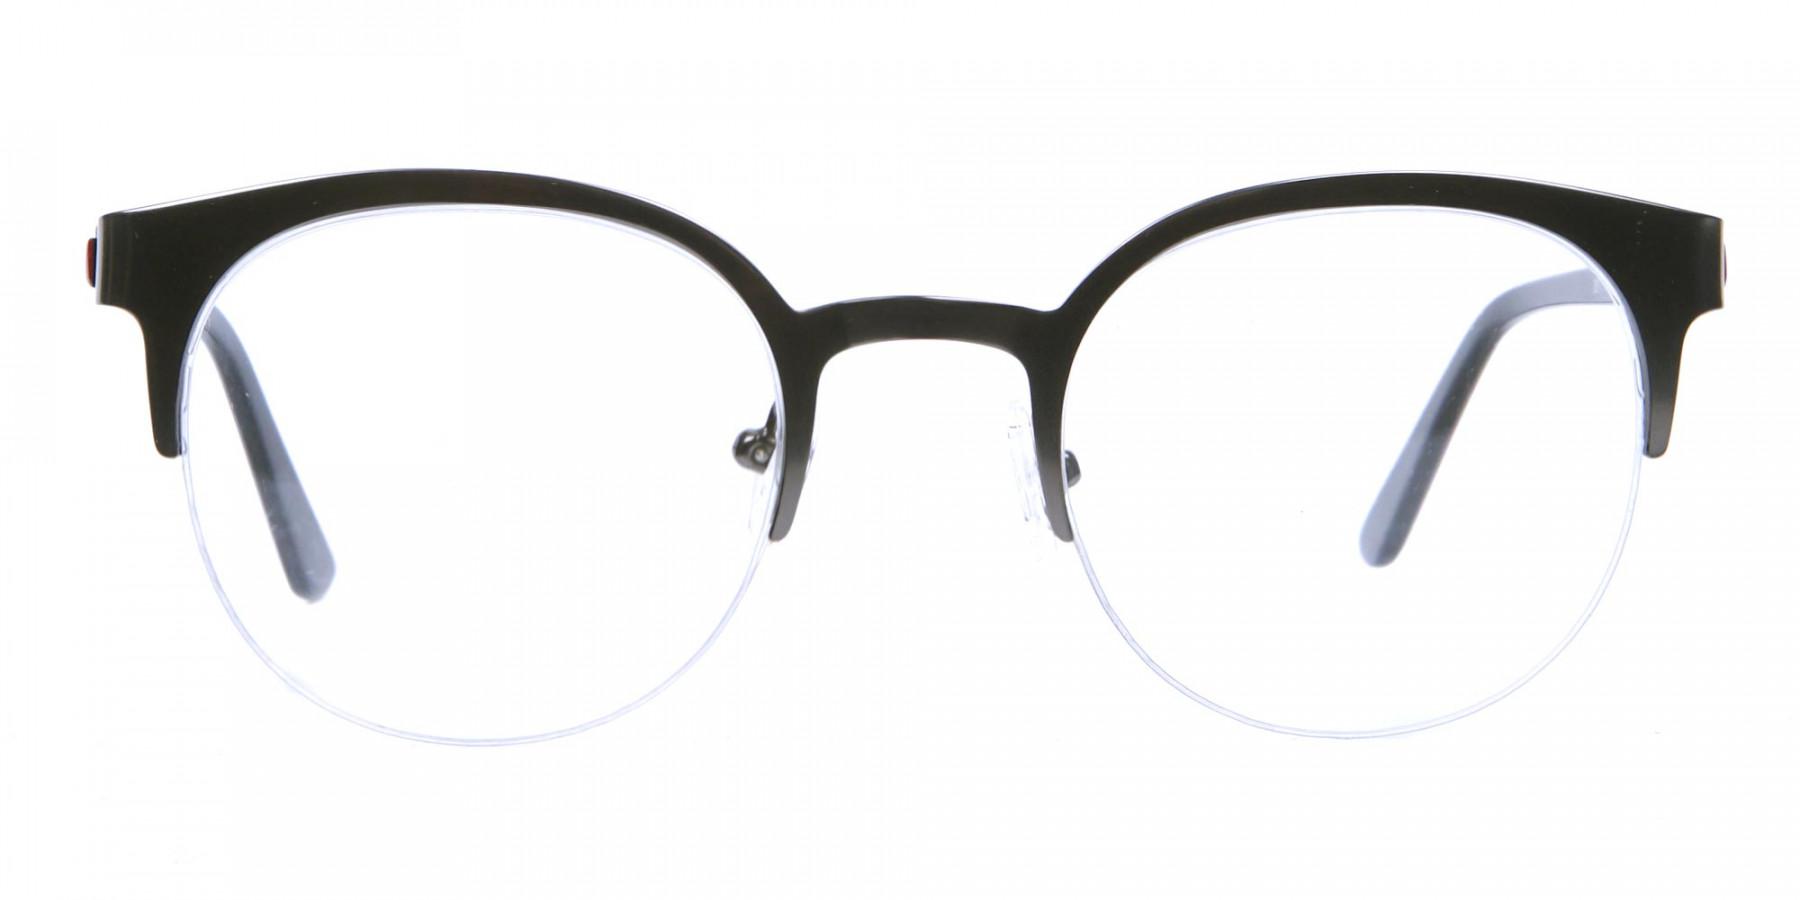 Browline Eyeglasses in Gunmetal, Eyeglasses - 1